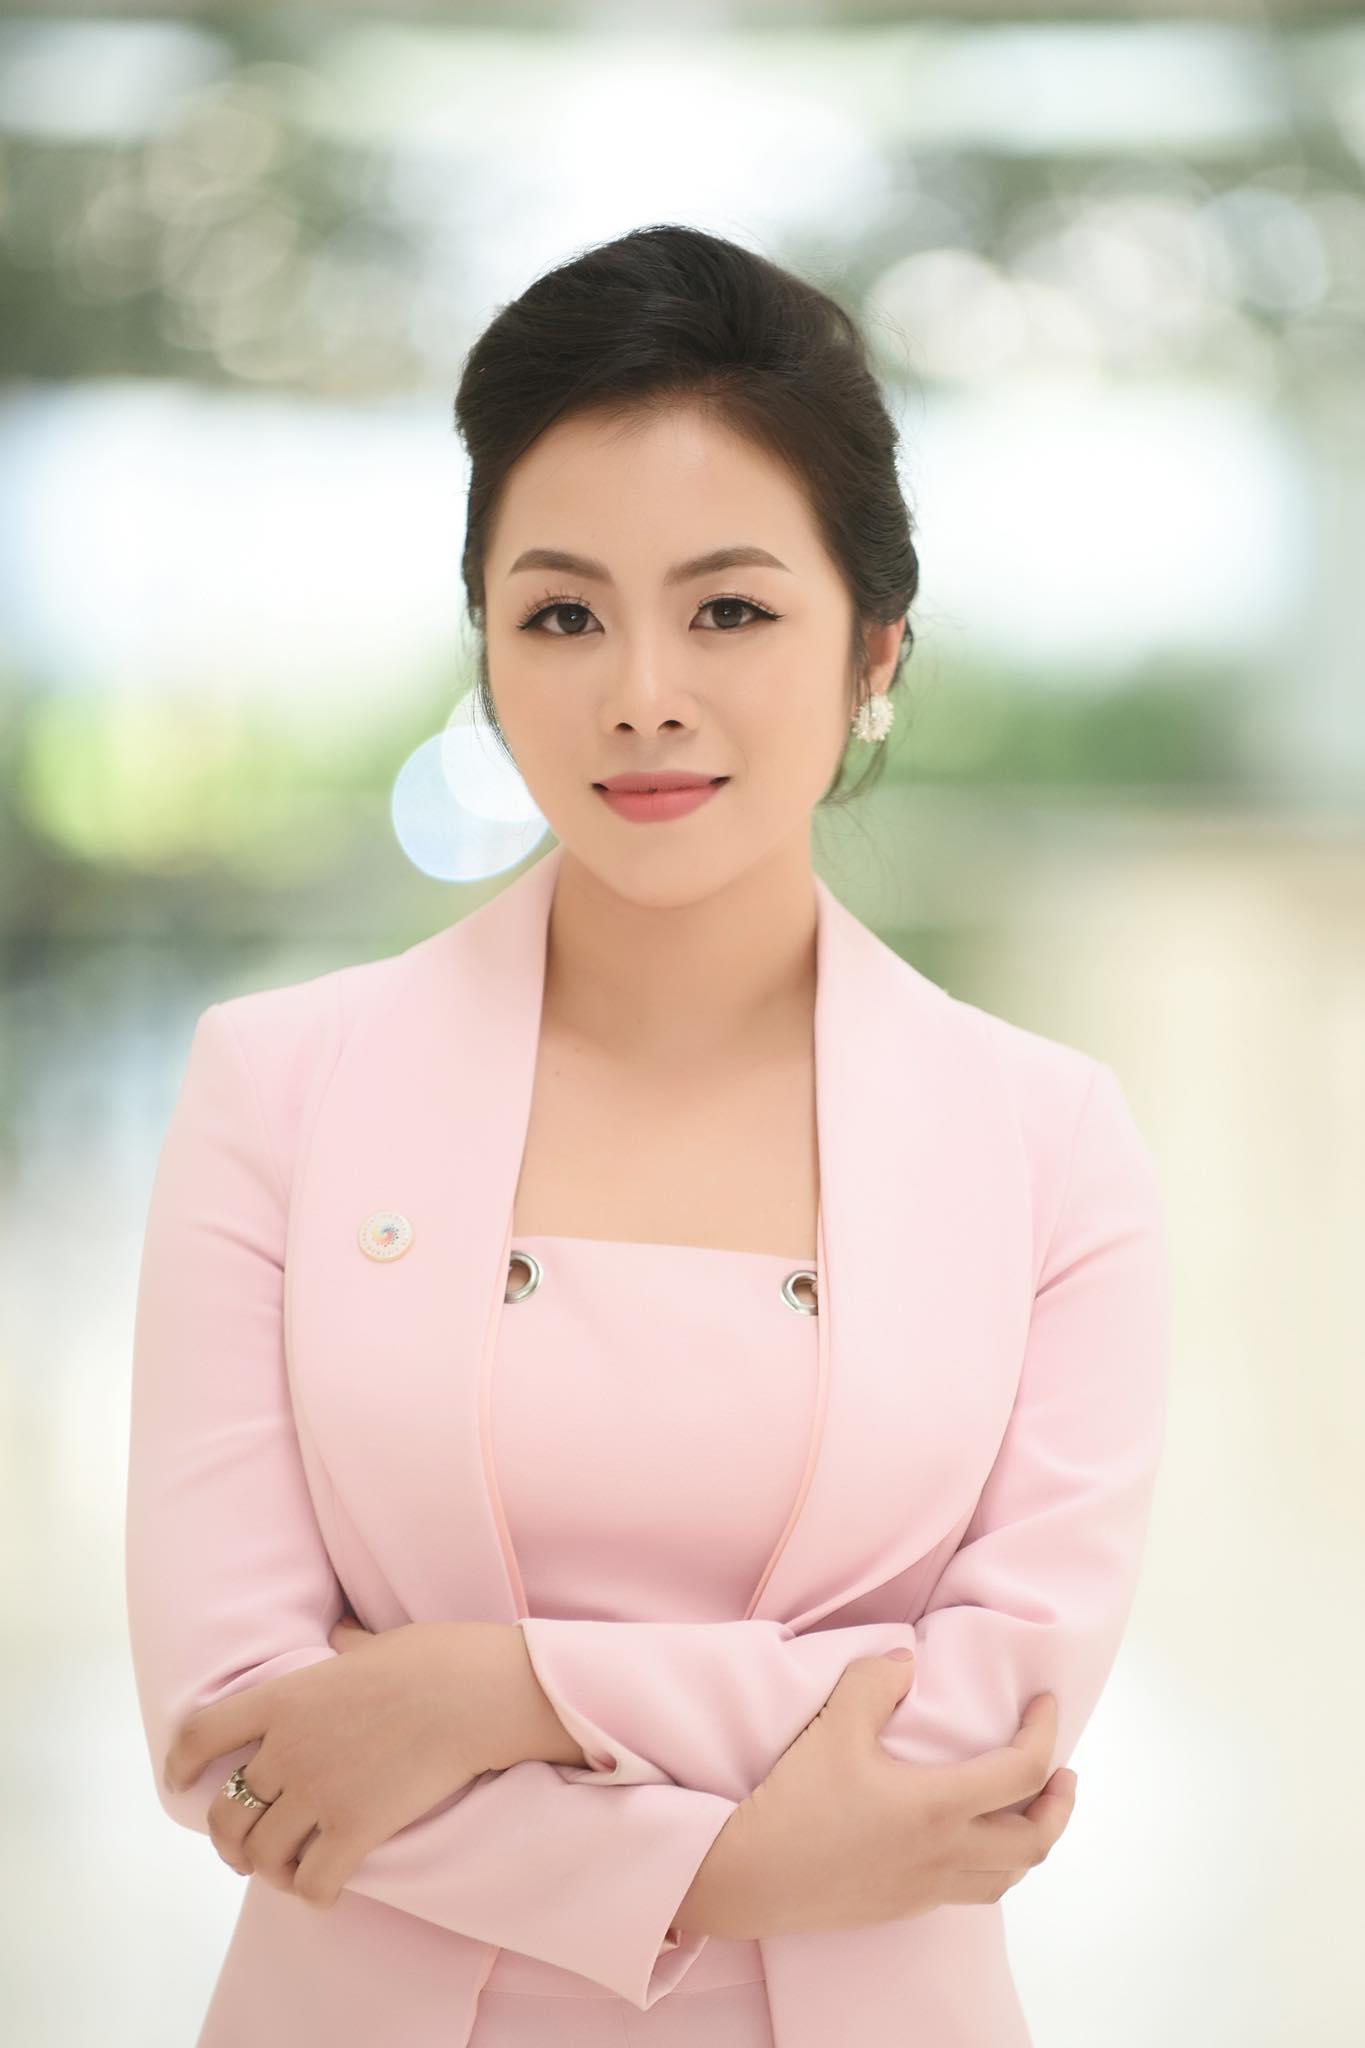 Chưa có nhiều người như chị Nga ở Việt Nam.